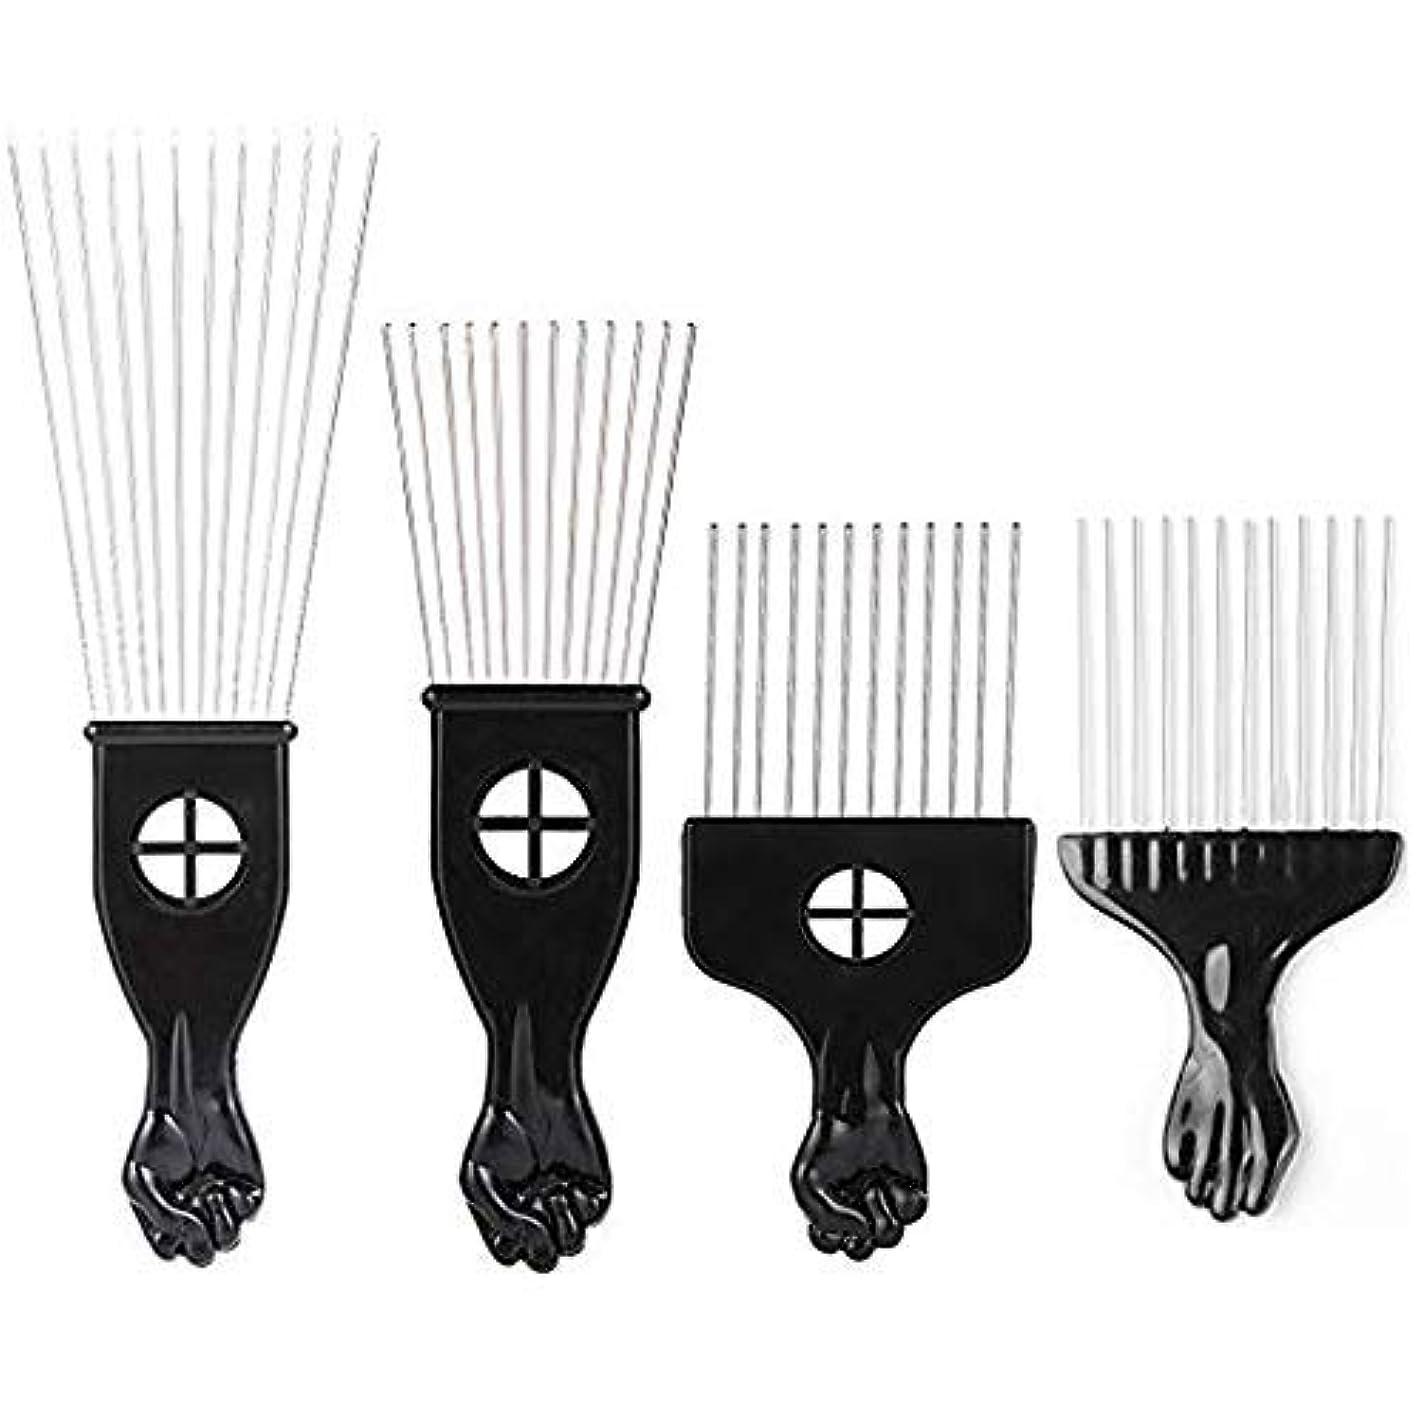 キリスト教悪魔従うBorogo Afro Combs, 4-Pack Afro Pick w/Black Fist - Metal African American Pick Comb Straight Hair Brush Hairdressing...